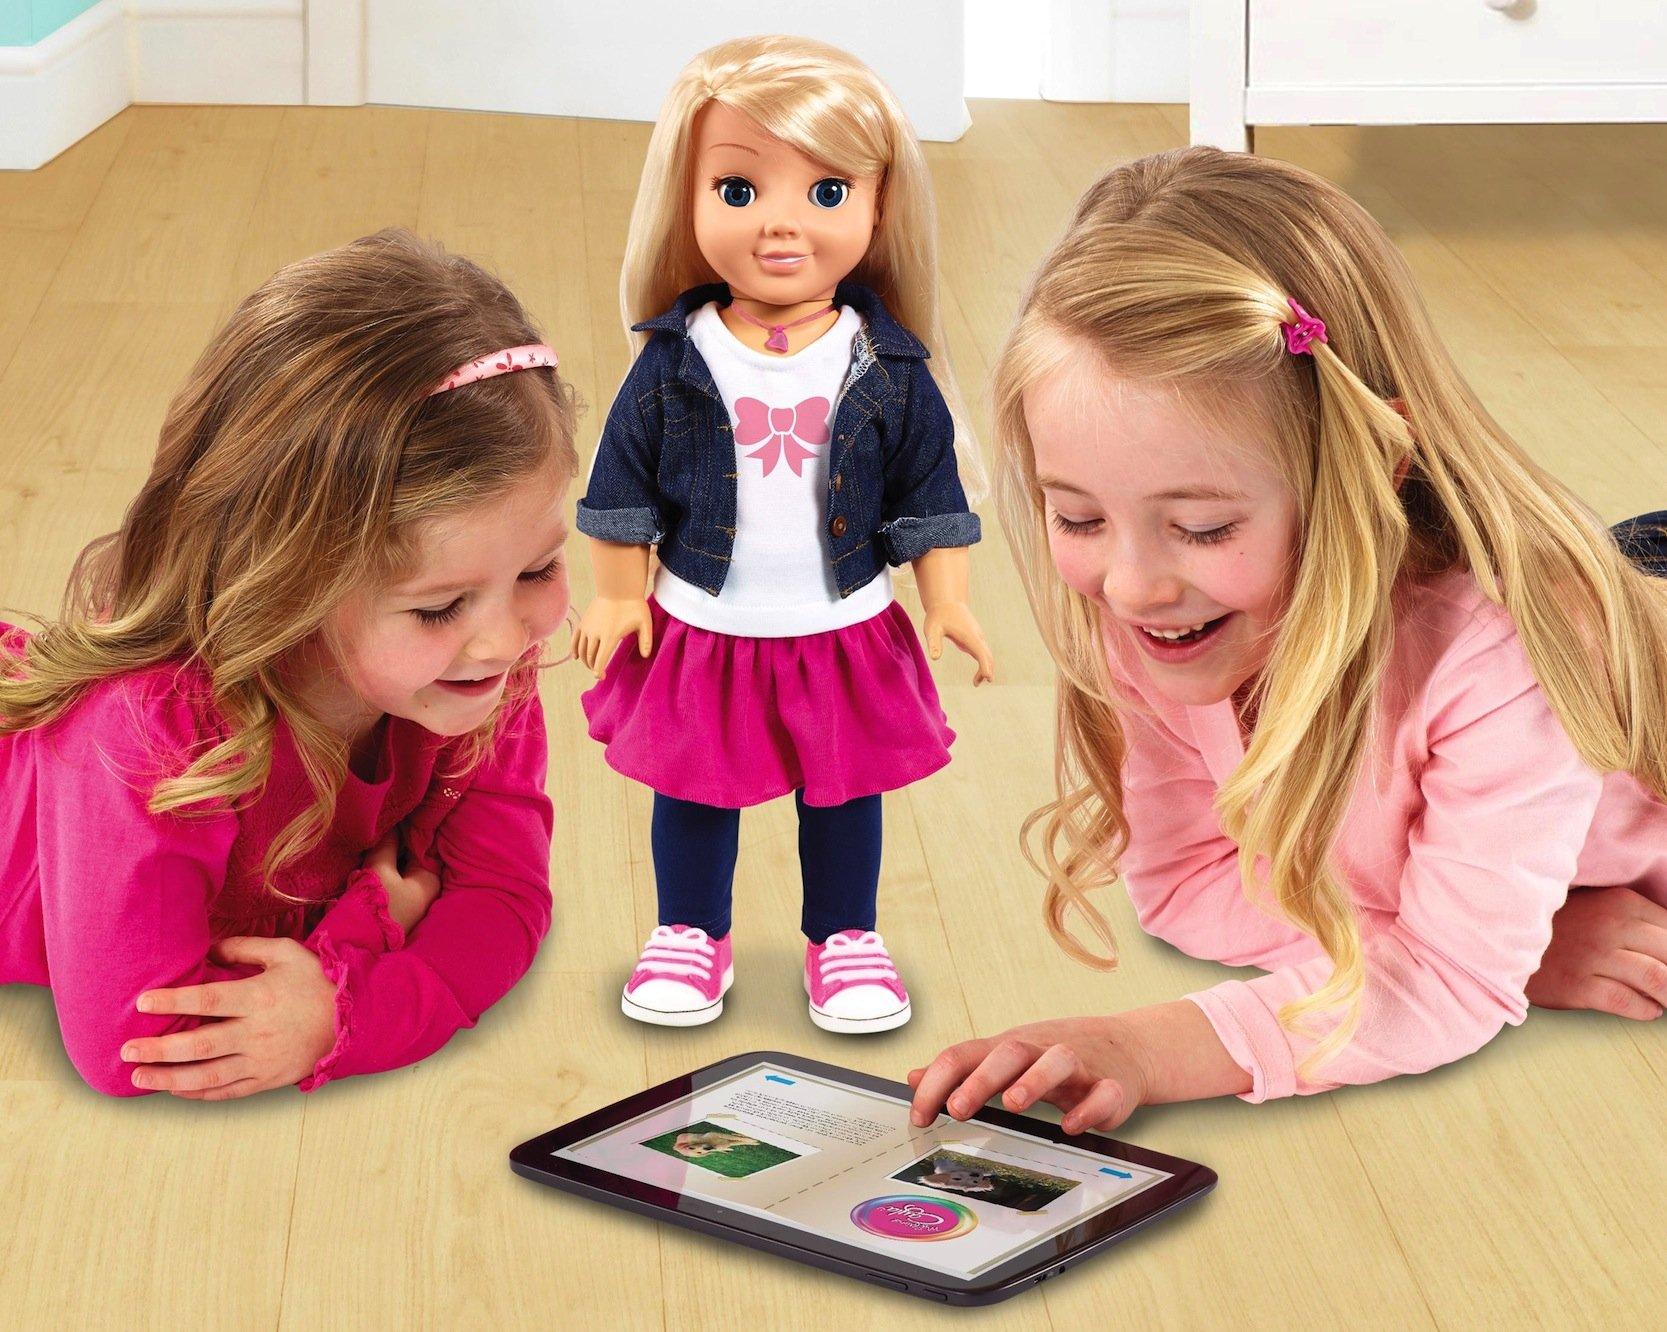 Schöne neue Kinderwelt: Die Puppe Cayla ist mit dem Internet verbunden – und die Kinder können über eine App mit der Puppe per Smartphone und Tablet kommunizieren.